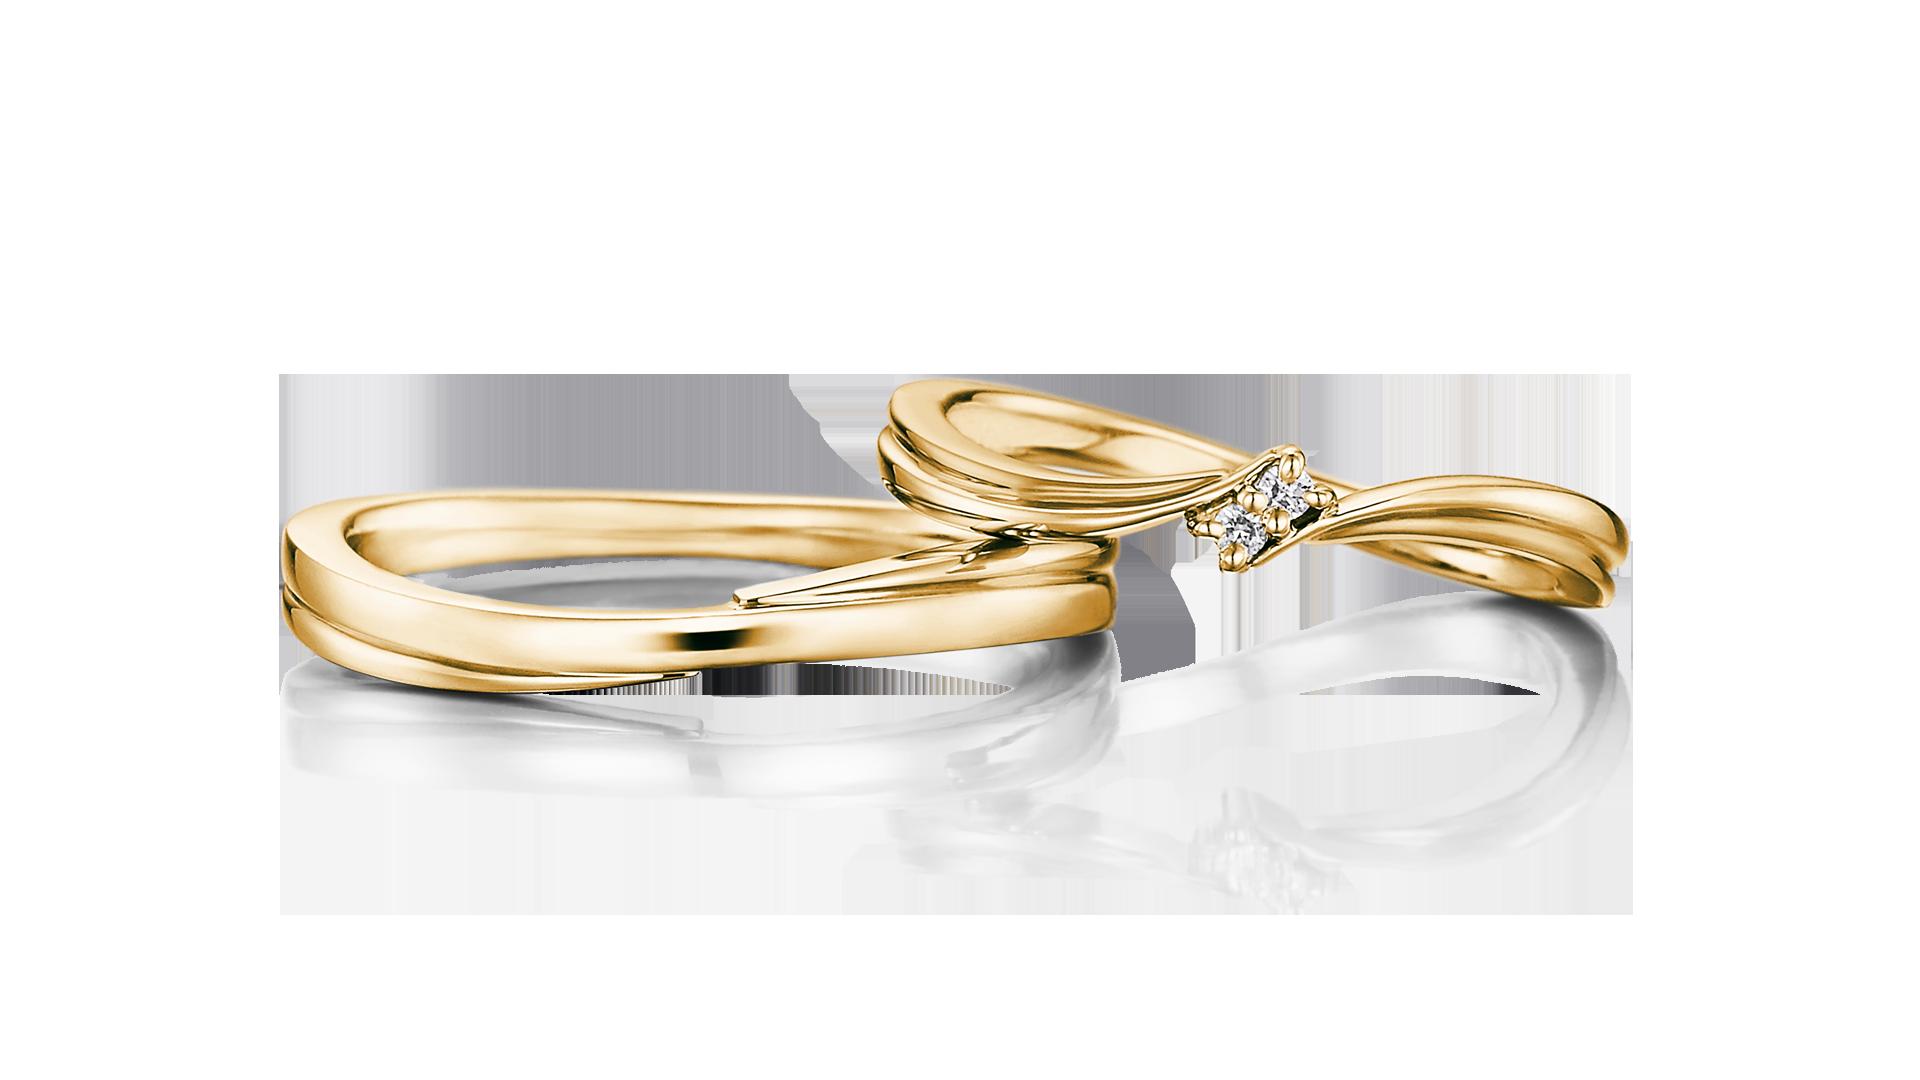 virbius ウィルビウス | 結婚指輪サムネイル 1